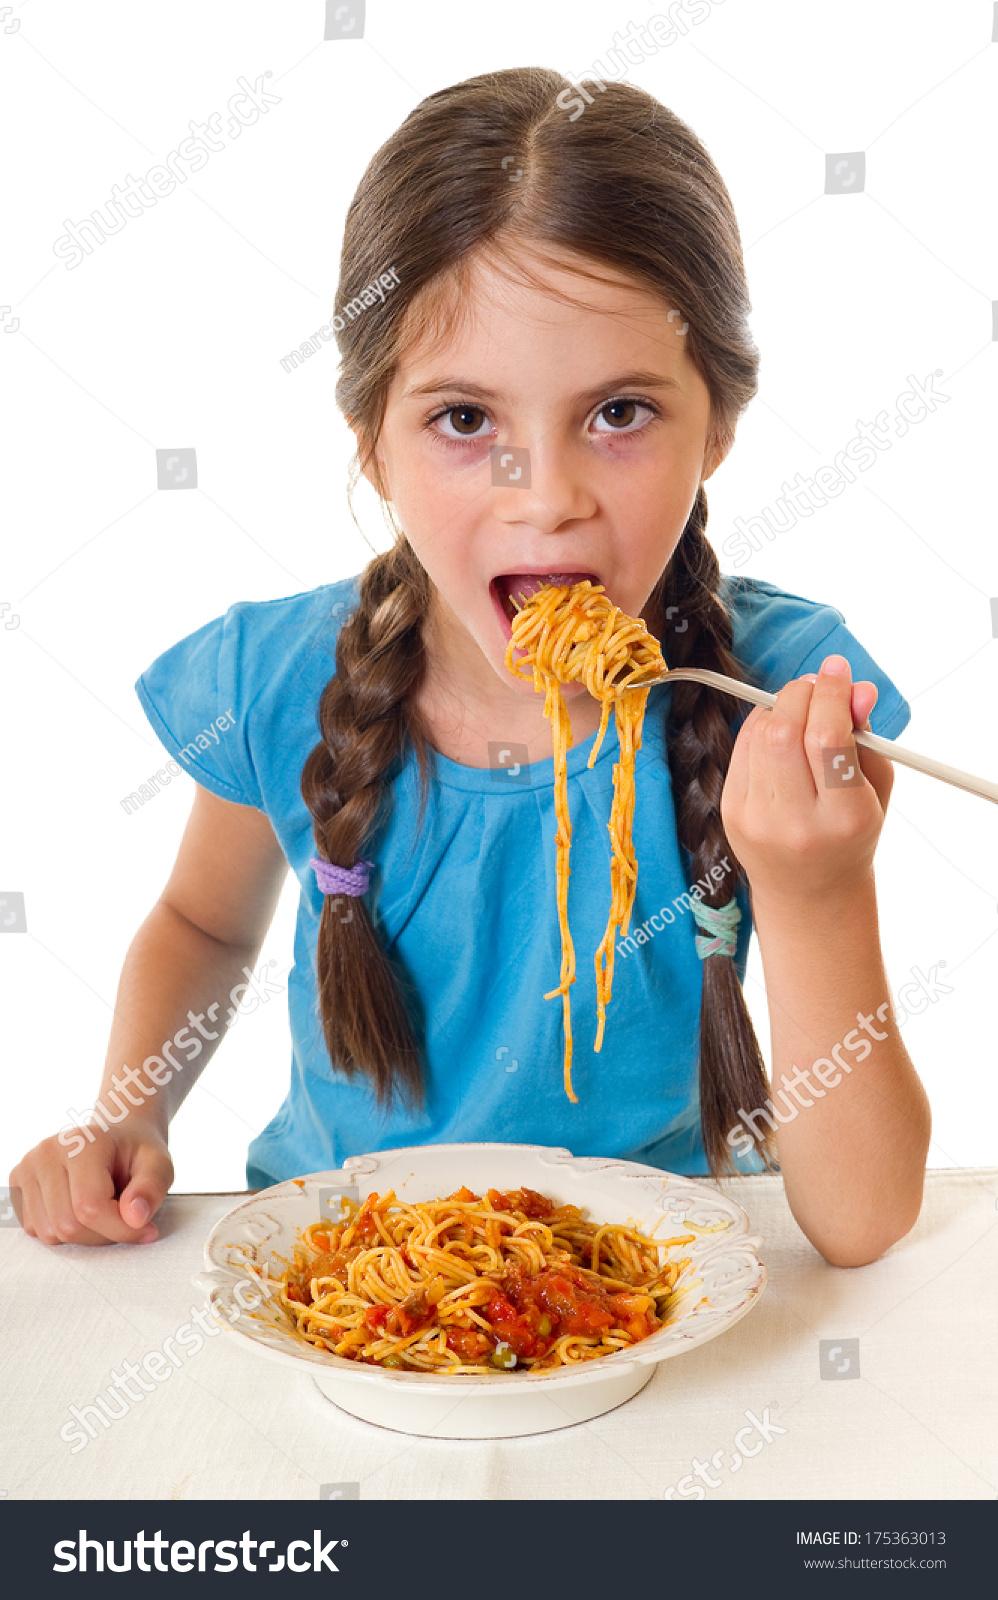 可爱的小女孩吃面条-人物-海洛创意(hellorf)-中国